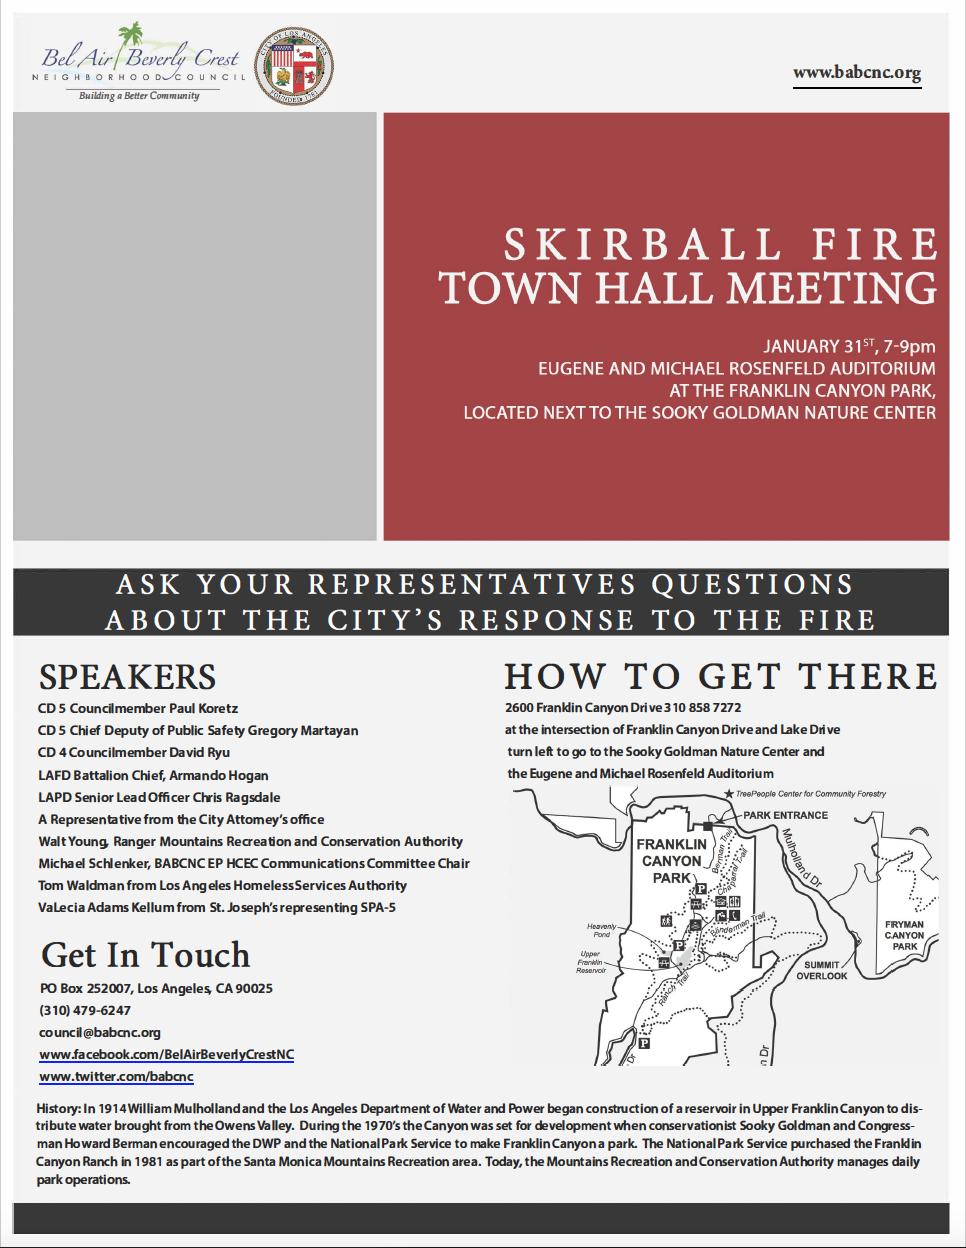 2018.01.16 - Skirball Fire - FINAL.png